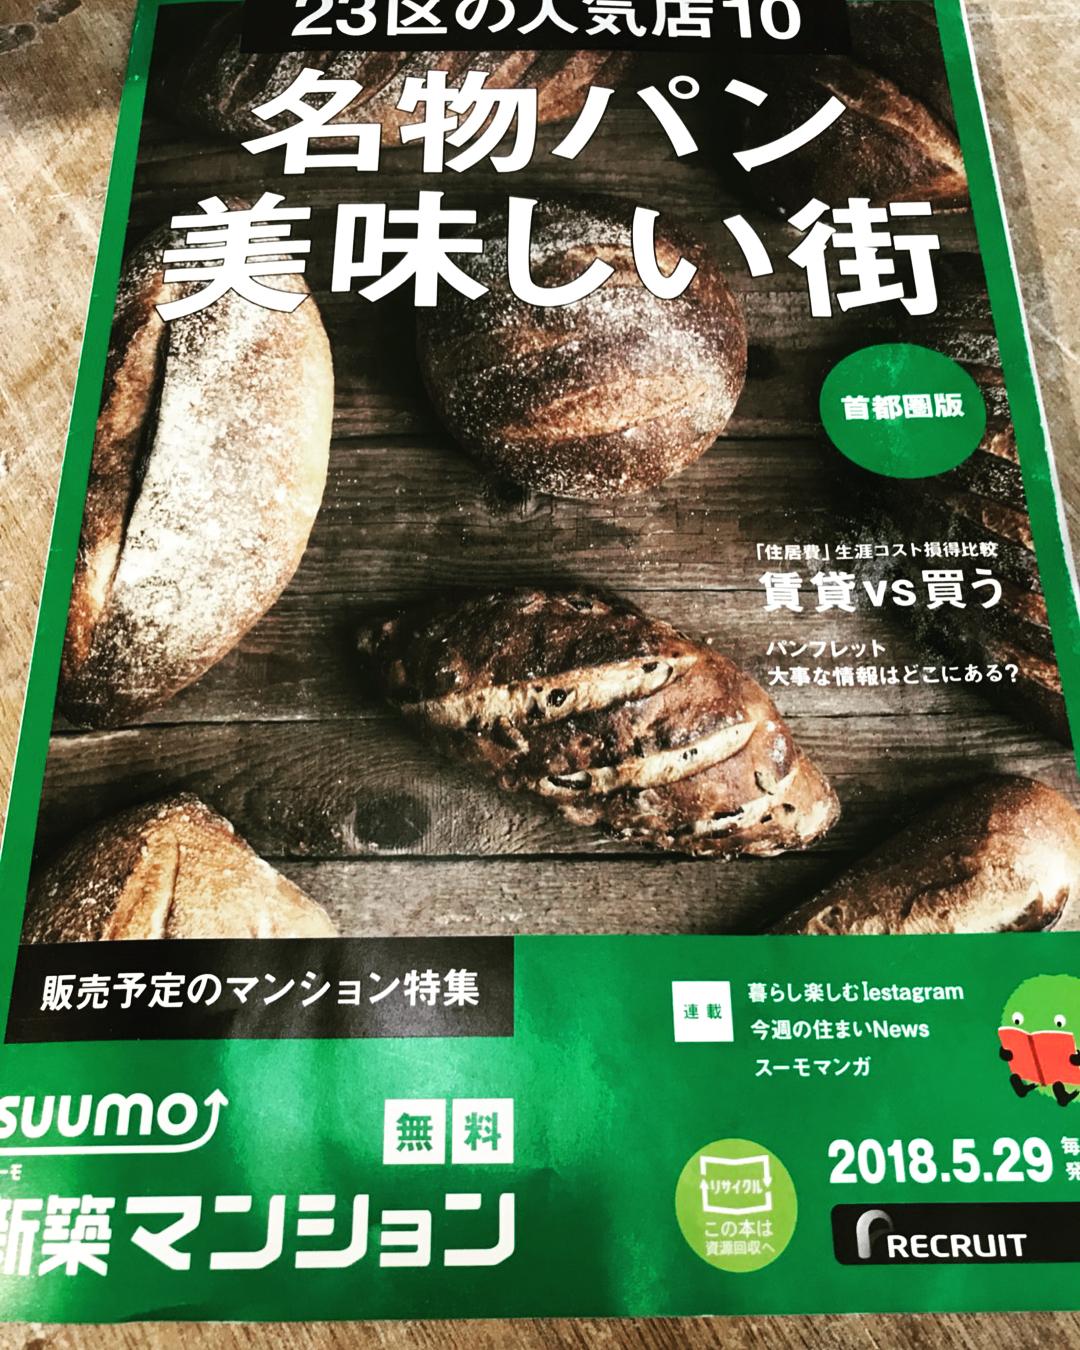 [メディア掲載] SUUMO 名物パン 美味しい街 首都圏版にオパンを掲載頂きました(2018.06.07)